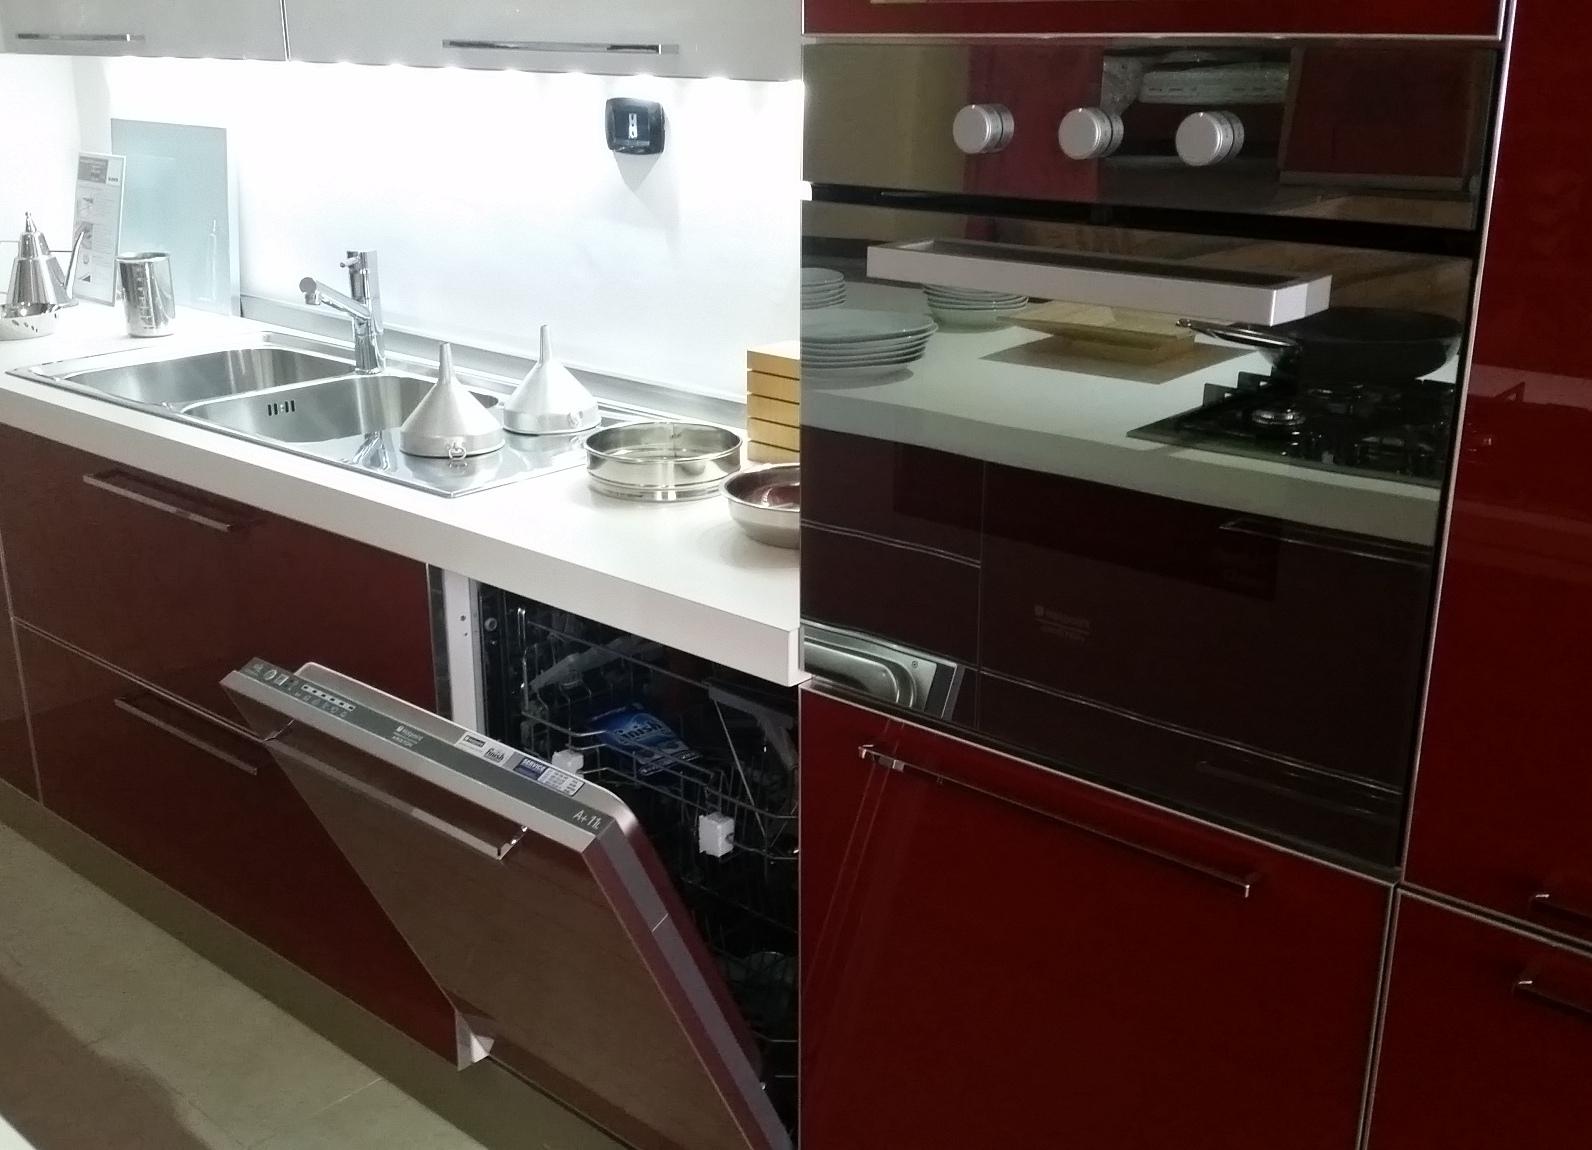 Veneta cucine offerta modello diamante moderna vetro rosso e bianco cucine a prezzi scontati - Cucina bianca e rossa ...